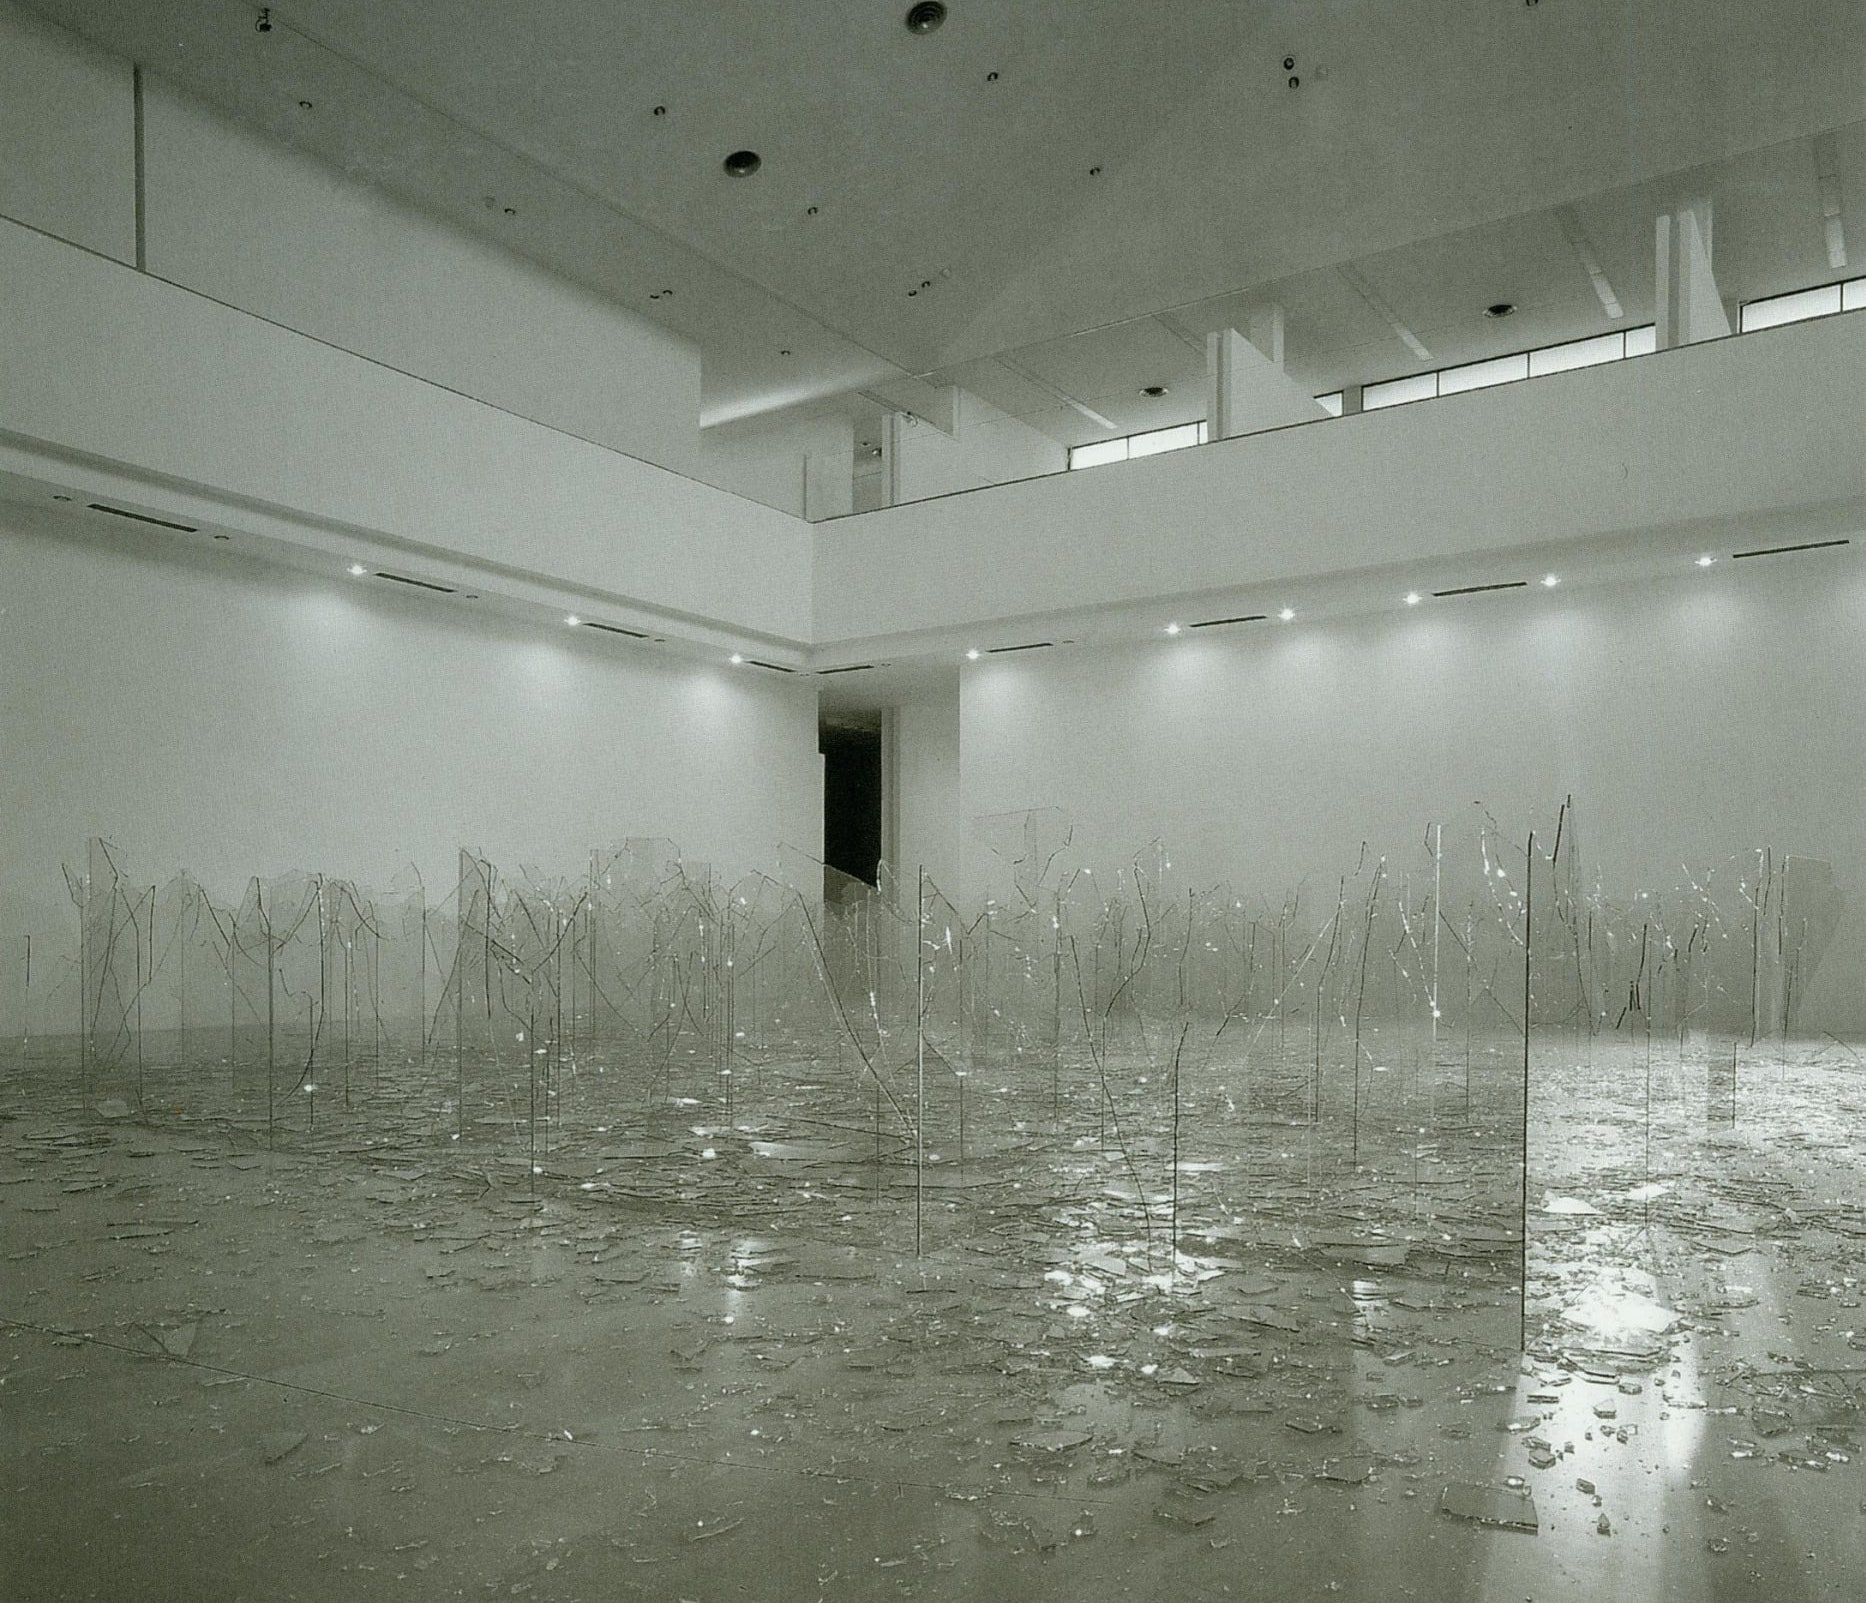 클라우디오 파르미지아니(Claudio Parmiggiani), , 2003, 설치작업, 볼로냐 현대미술관